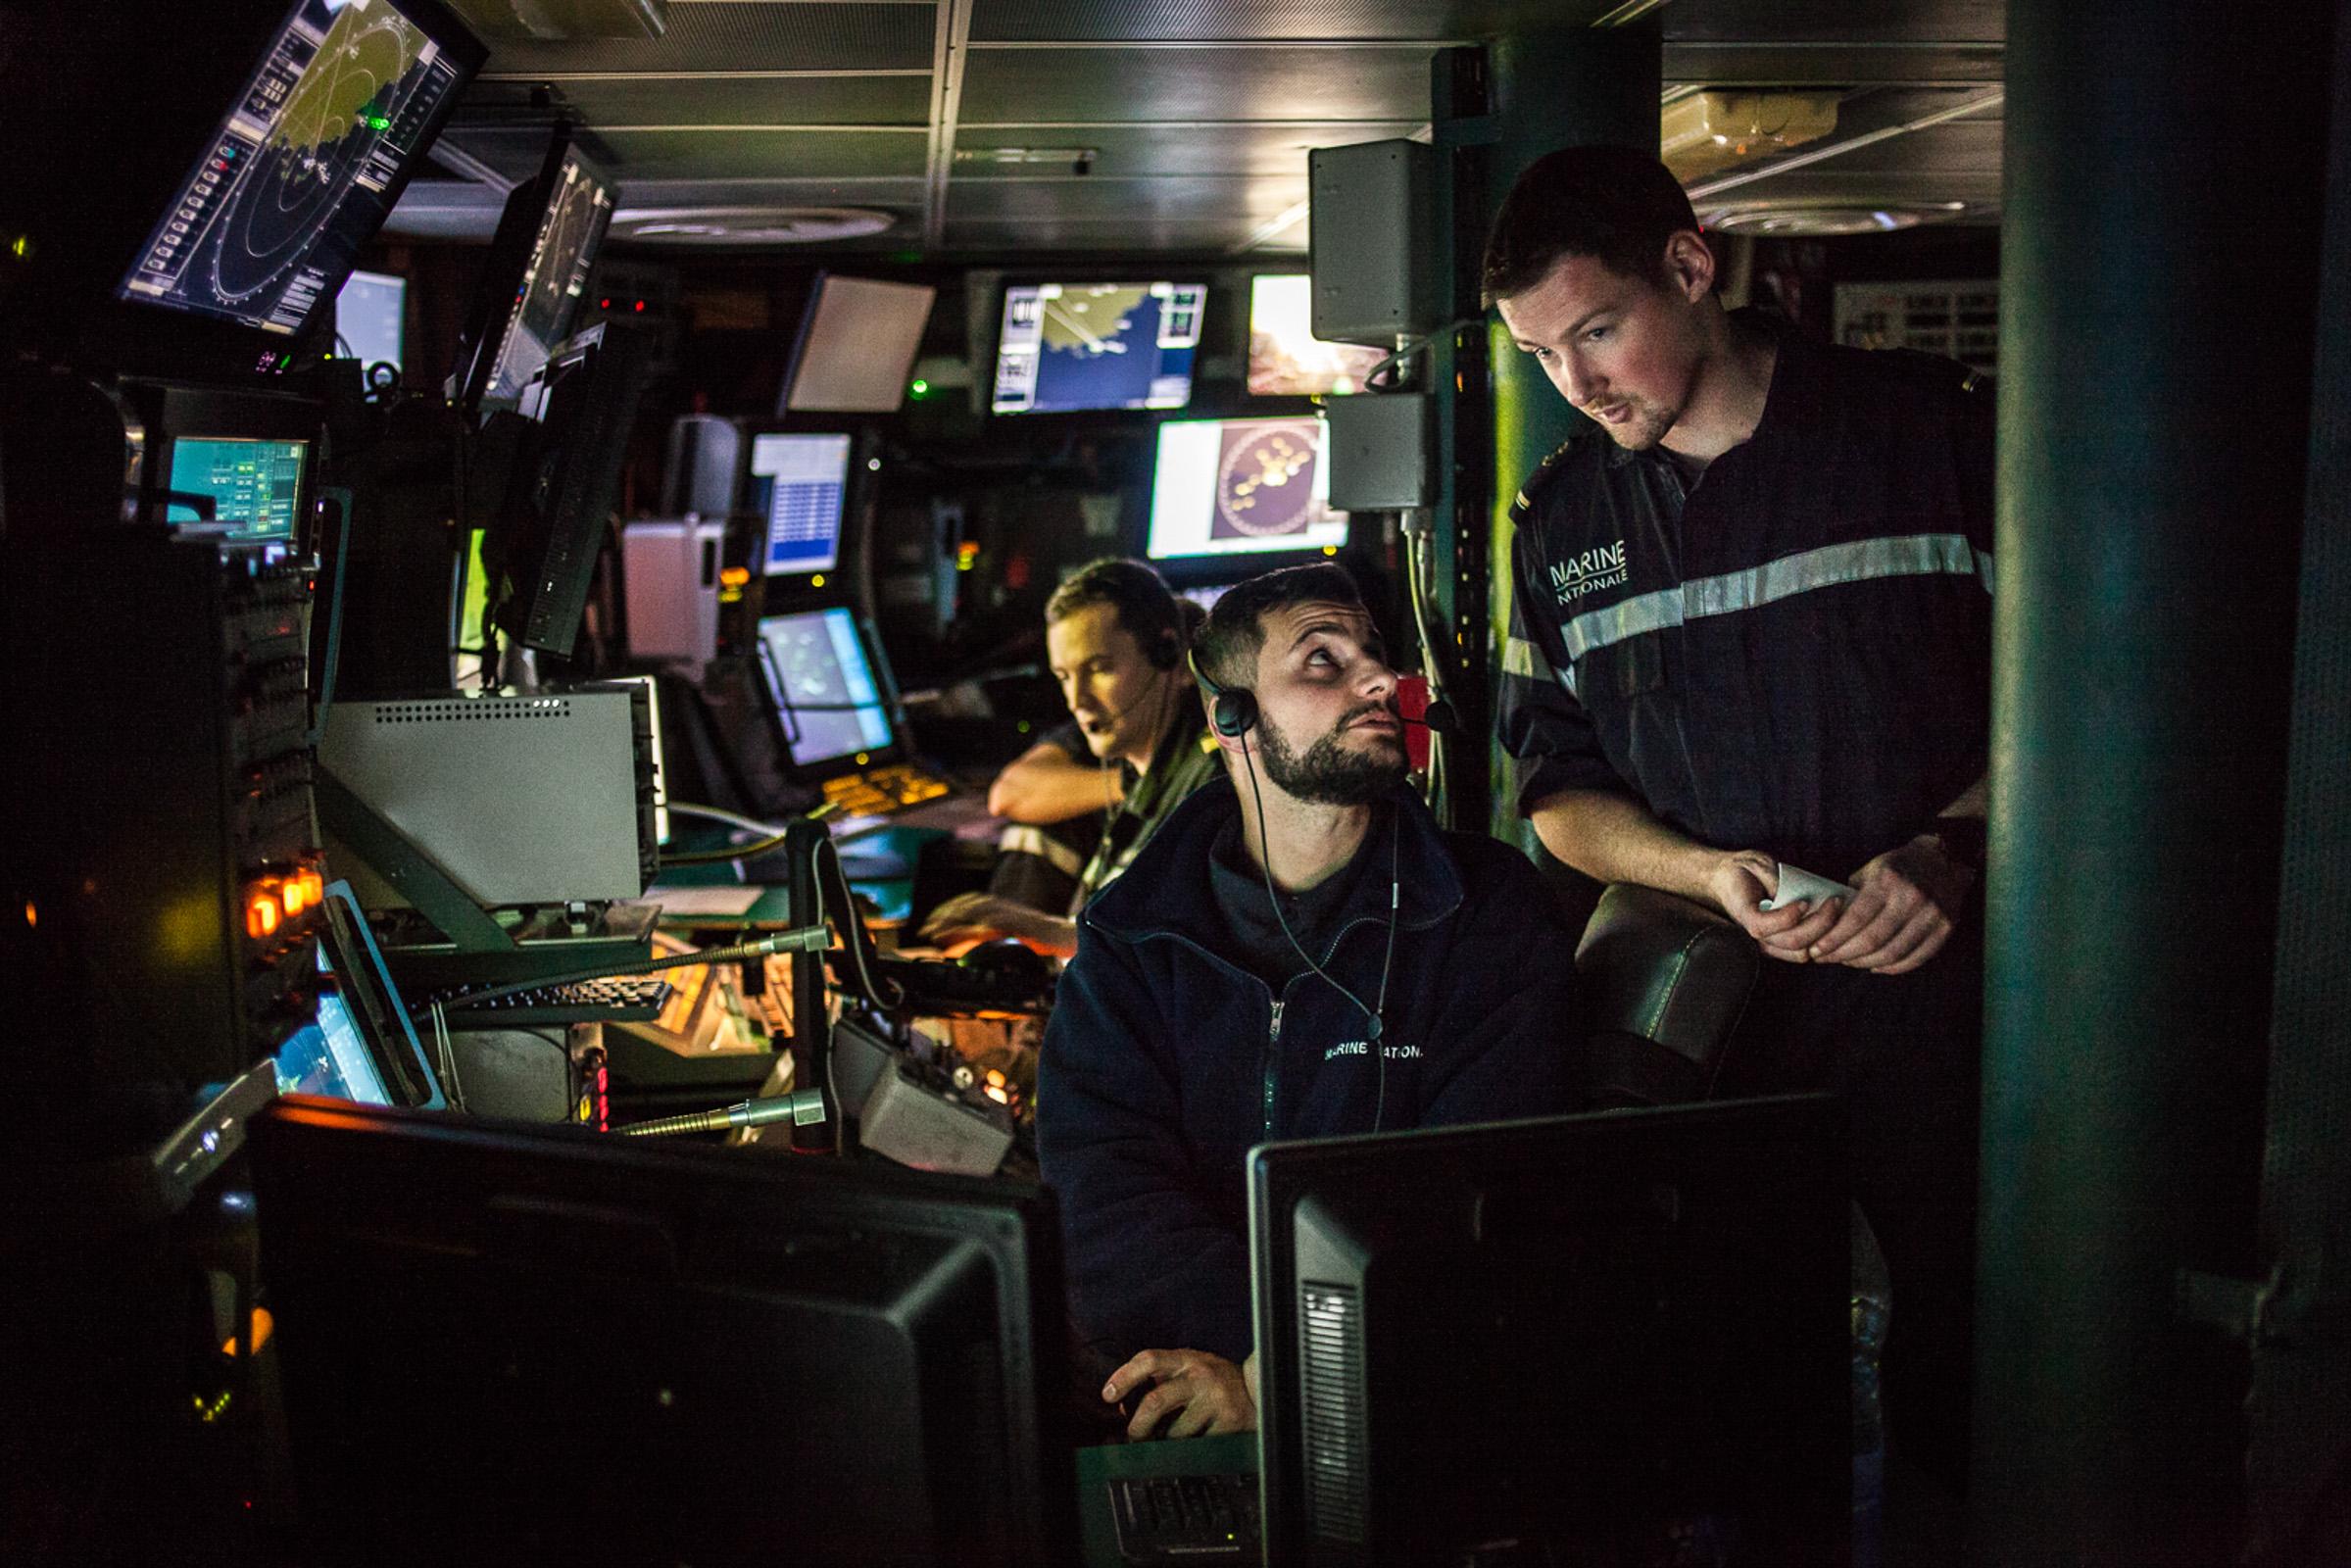 """Mer méditerrannée, 30.11.2015. Centre opérationnel de la frégate anti-aérienne le """"Jean bart""""."""